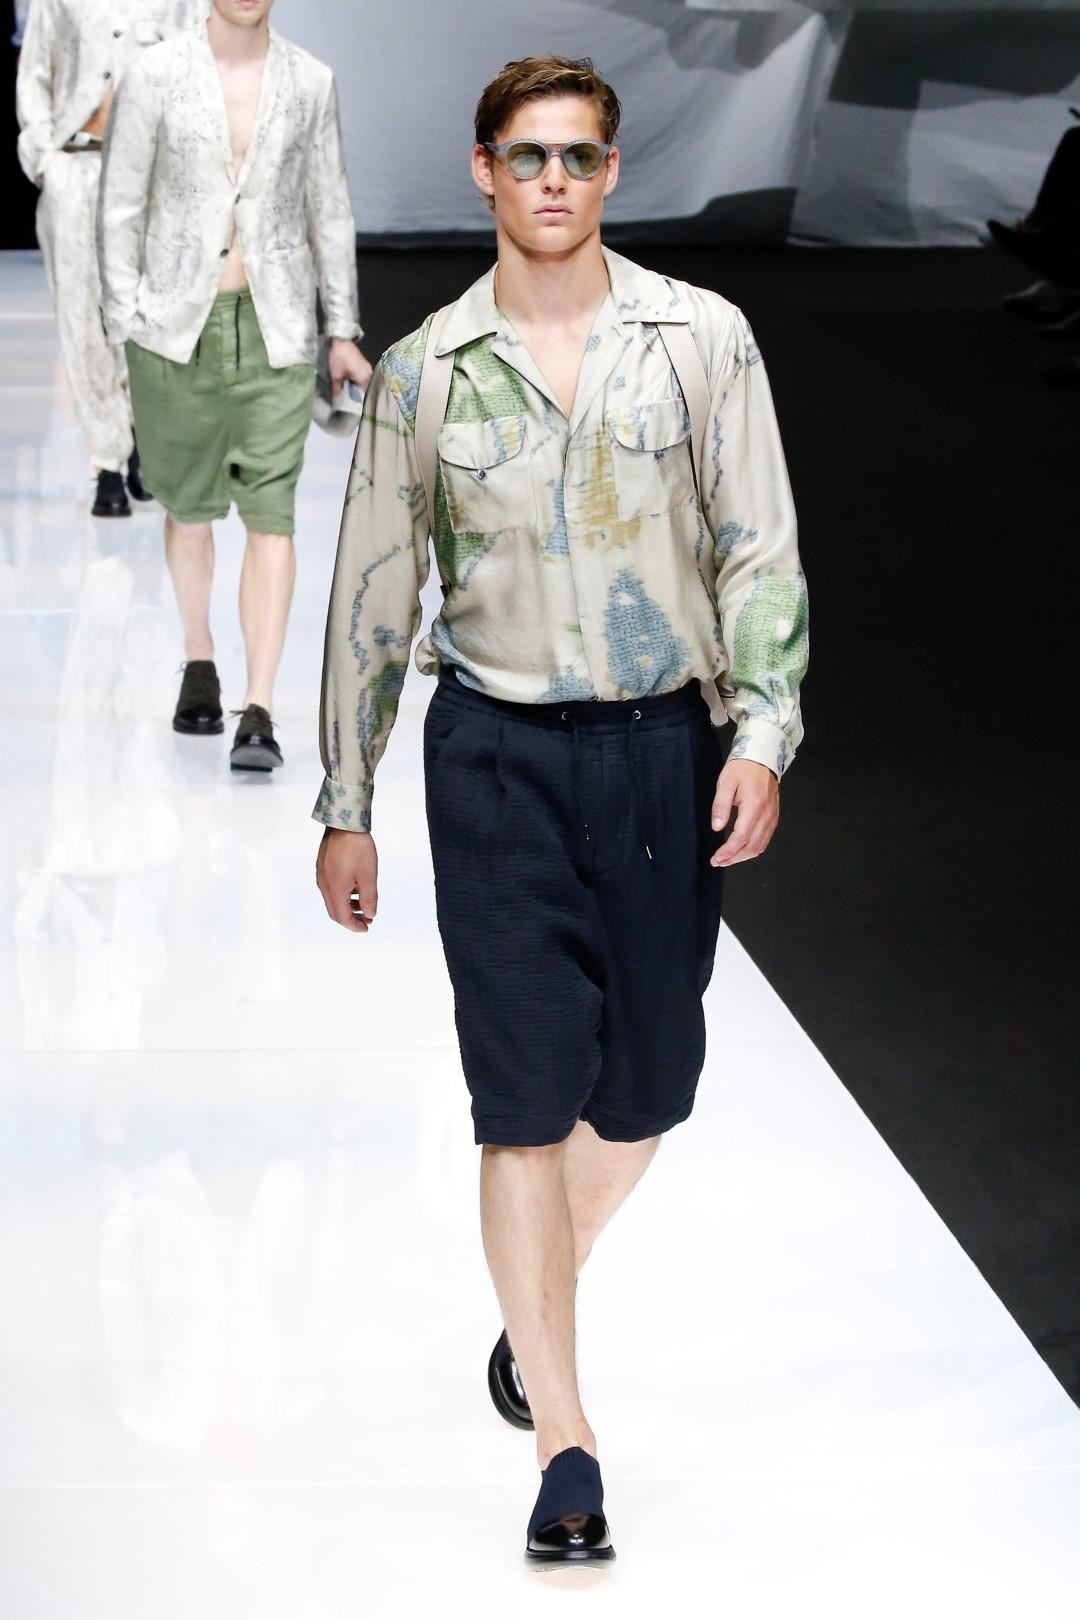 Moda maschile, come una camicia vi risolve sempre il problema